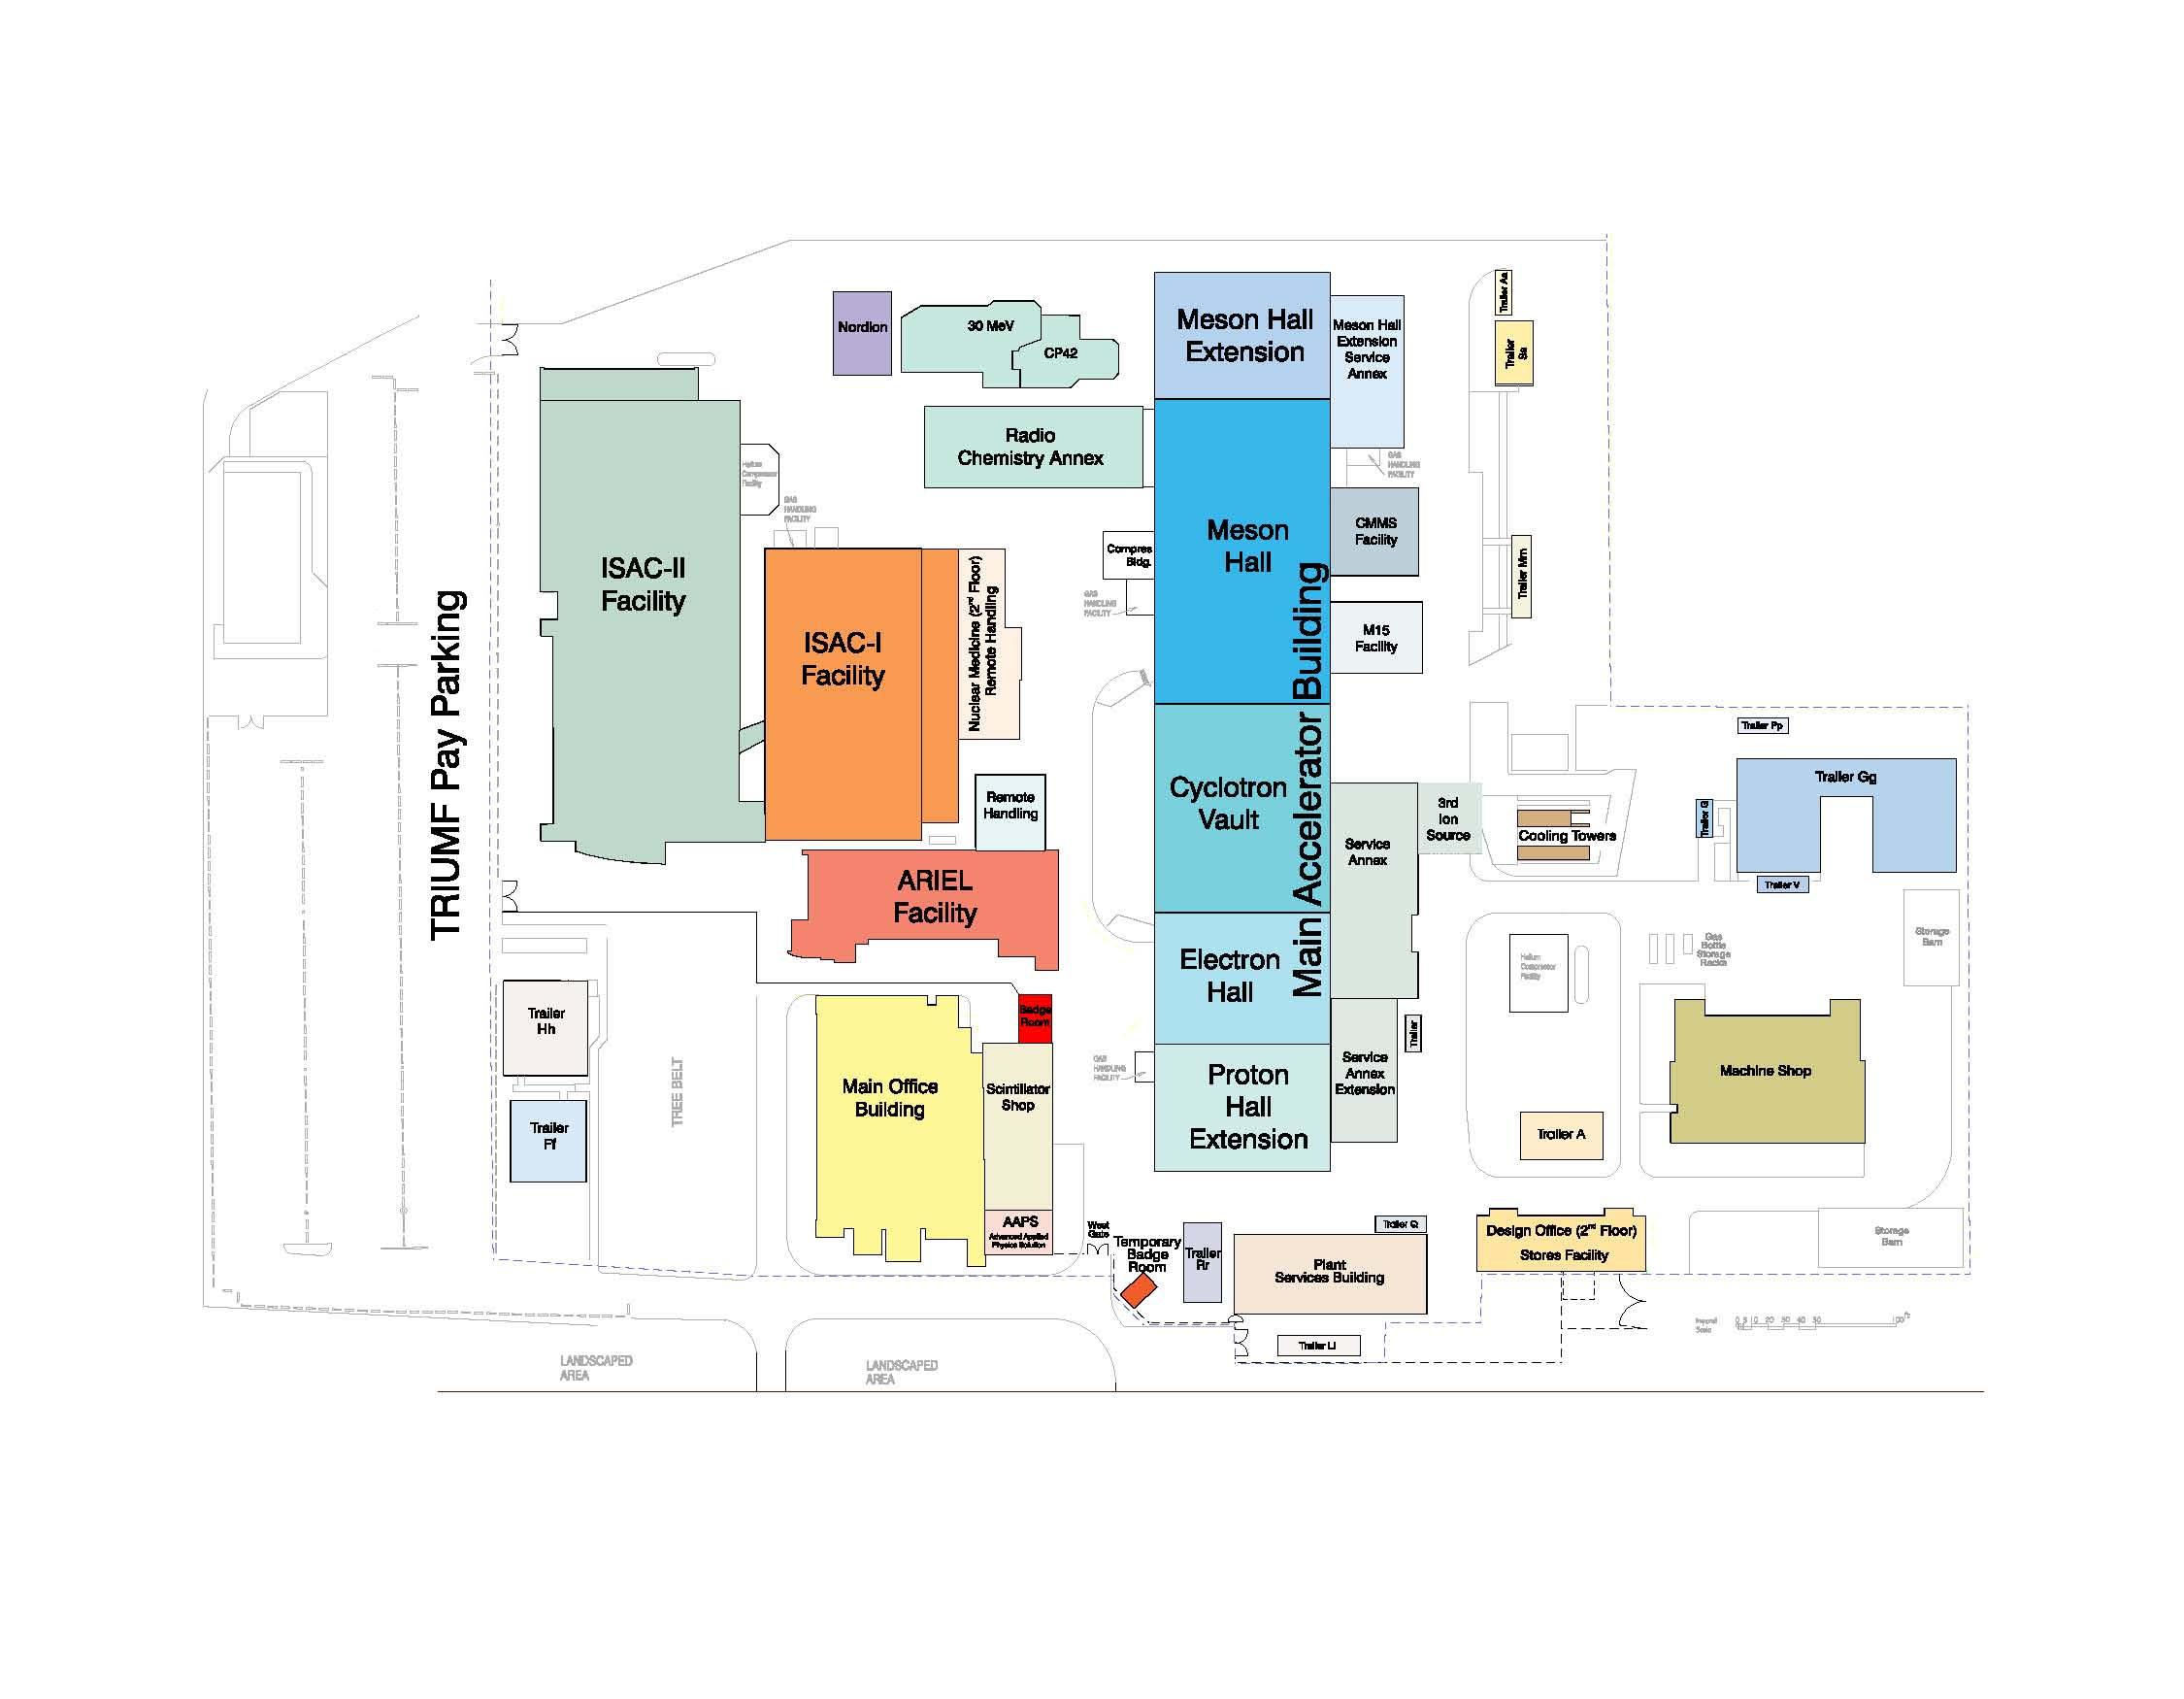 Building Maps – Site Plan Maps